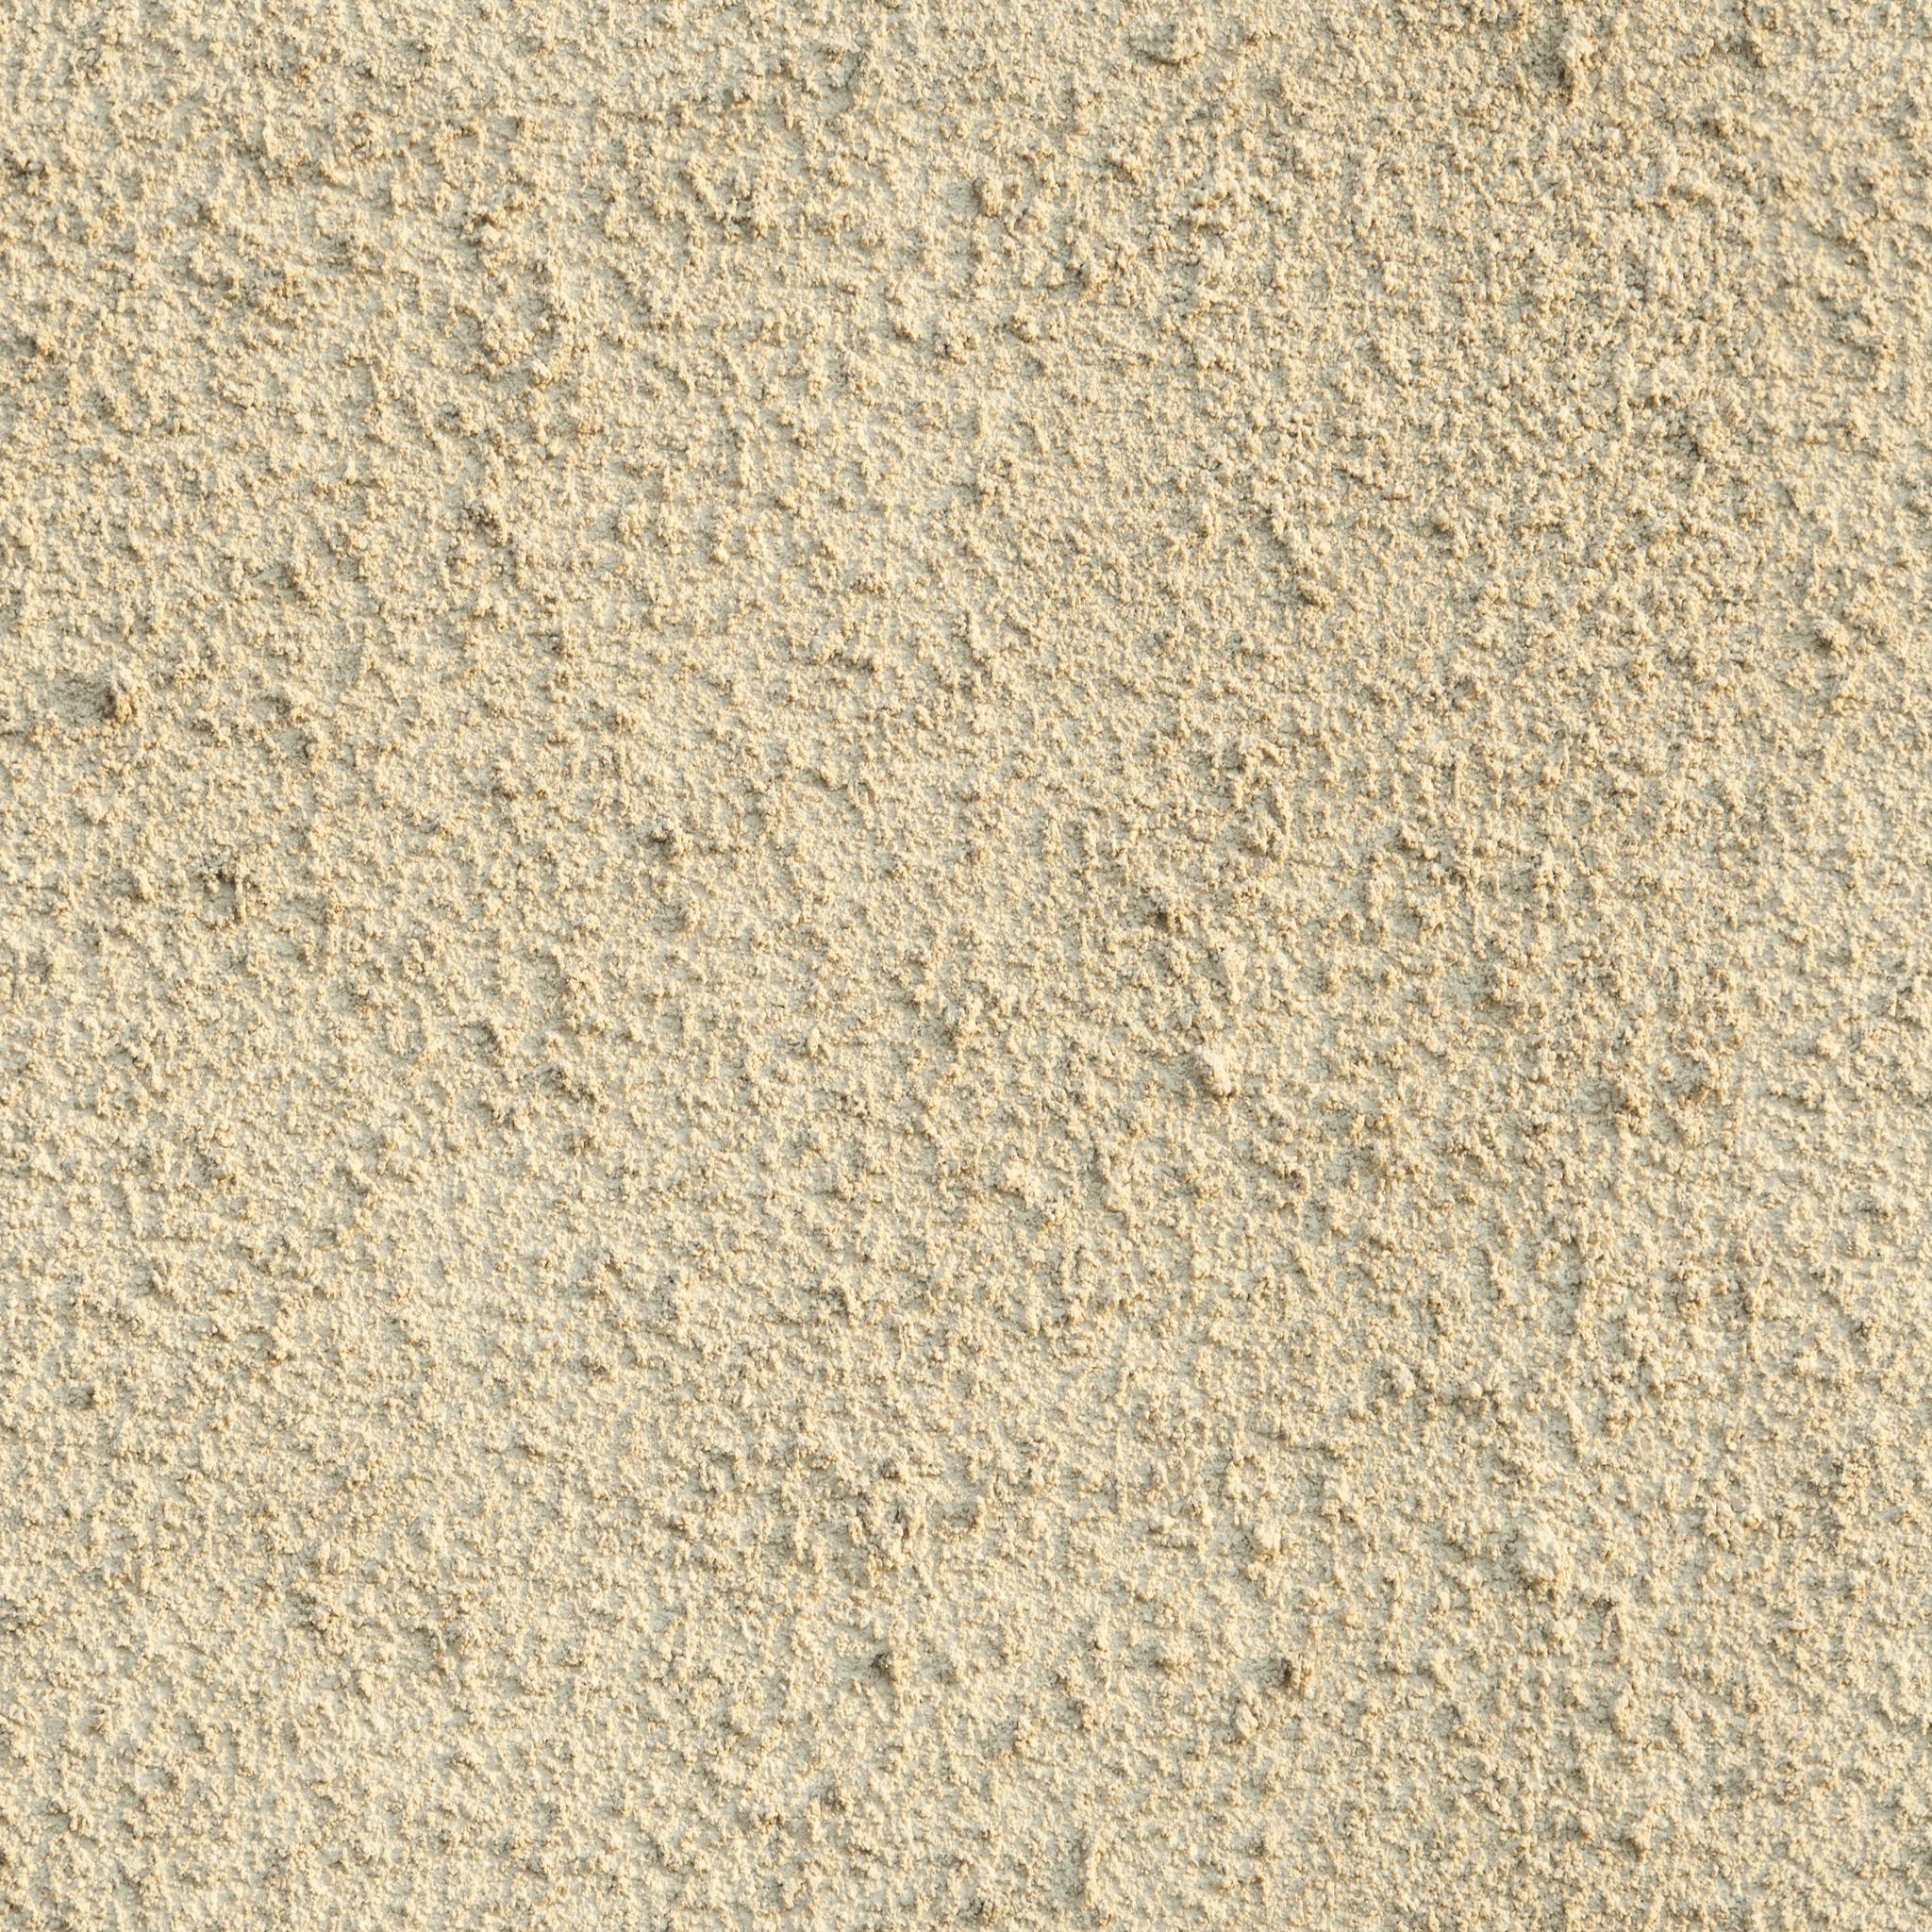 Coarse Grain Beige Stucco.jpg